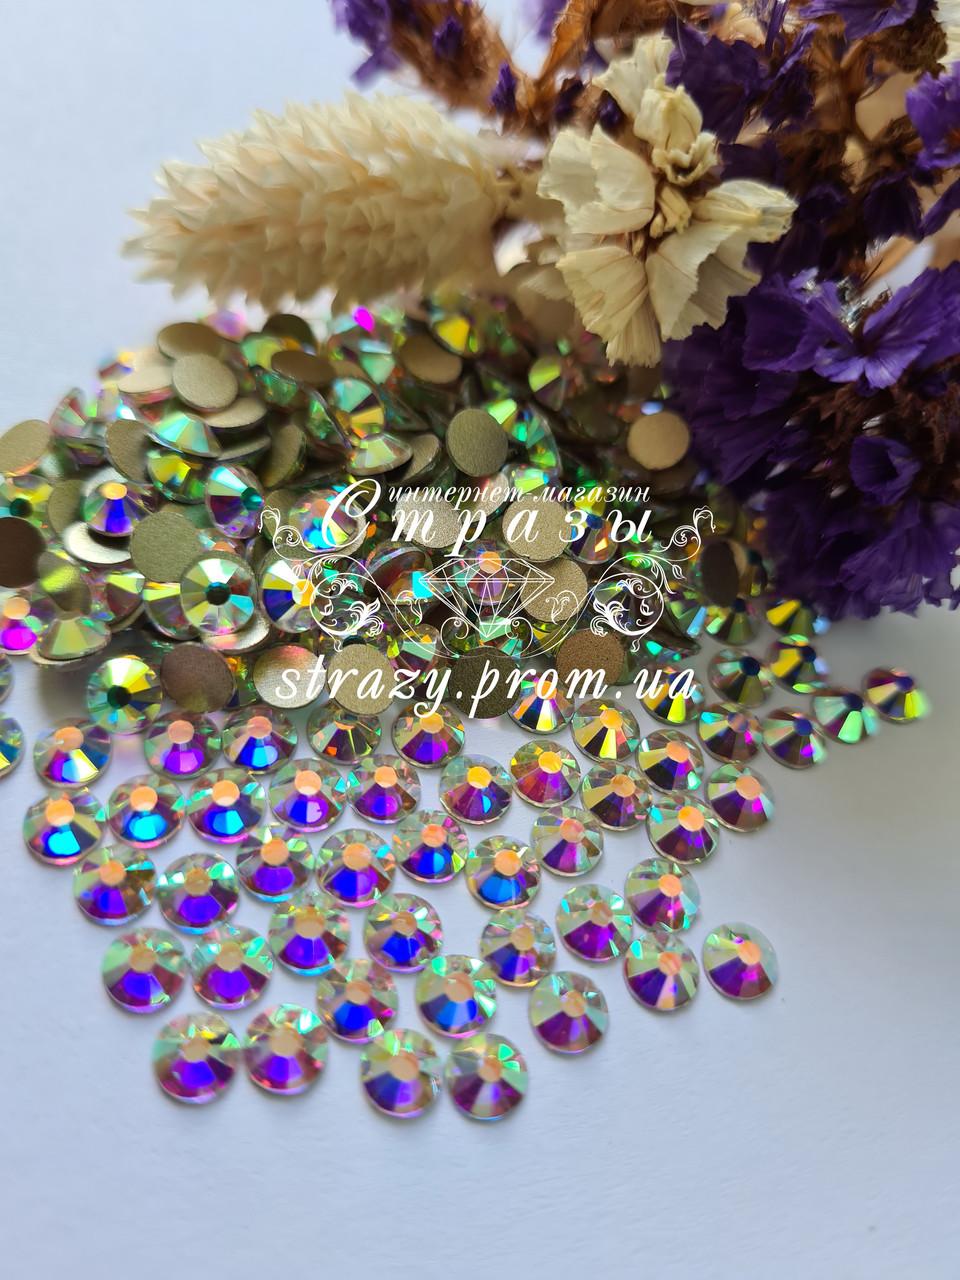 Стразы ss20 Crystal AB +++HongKong+++ (5,0мм) 100 гросс 14440шт. золотая подложка